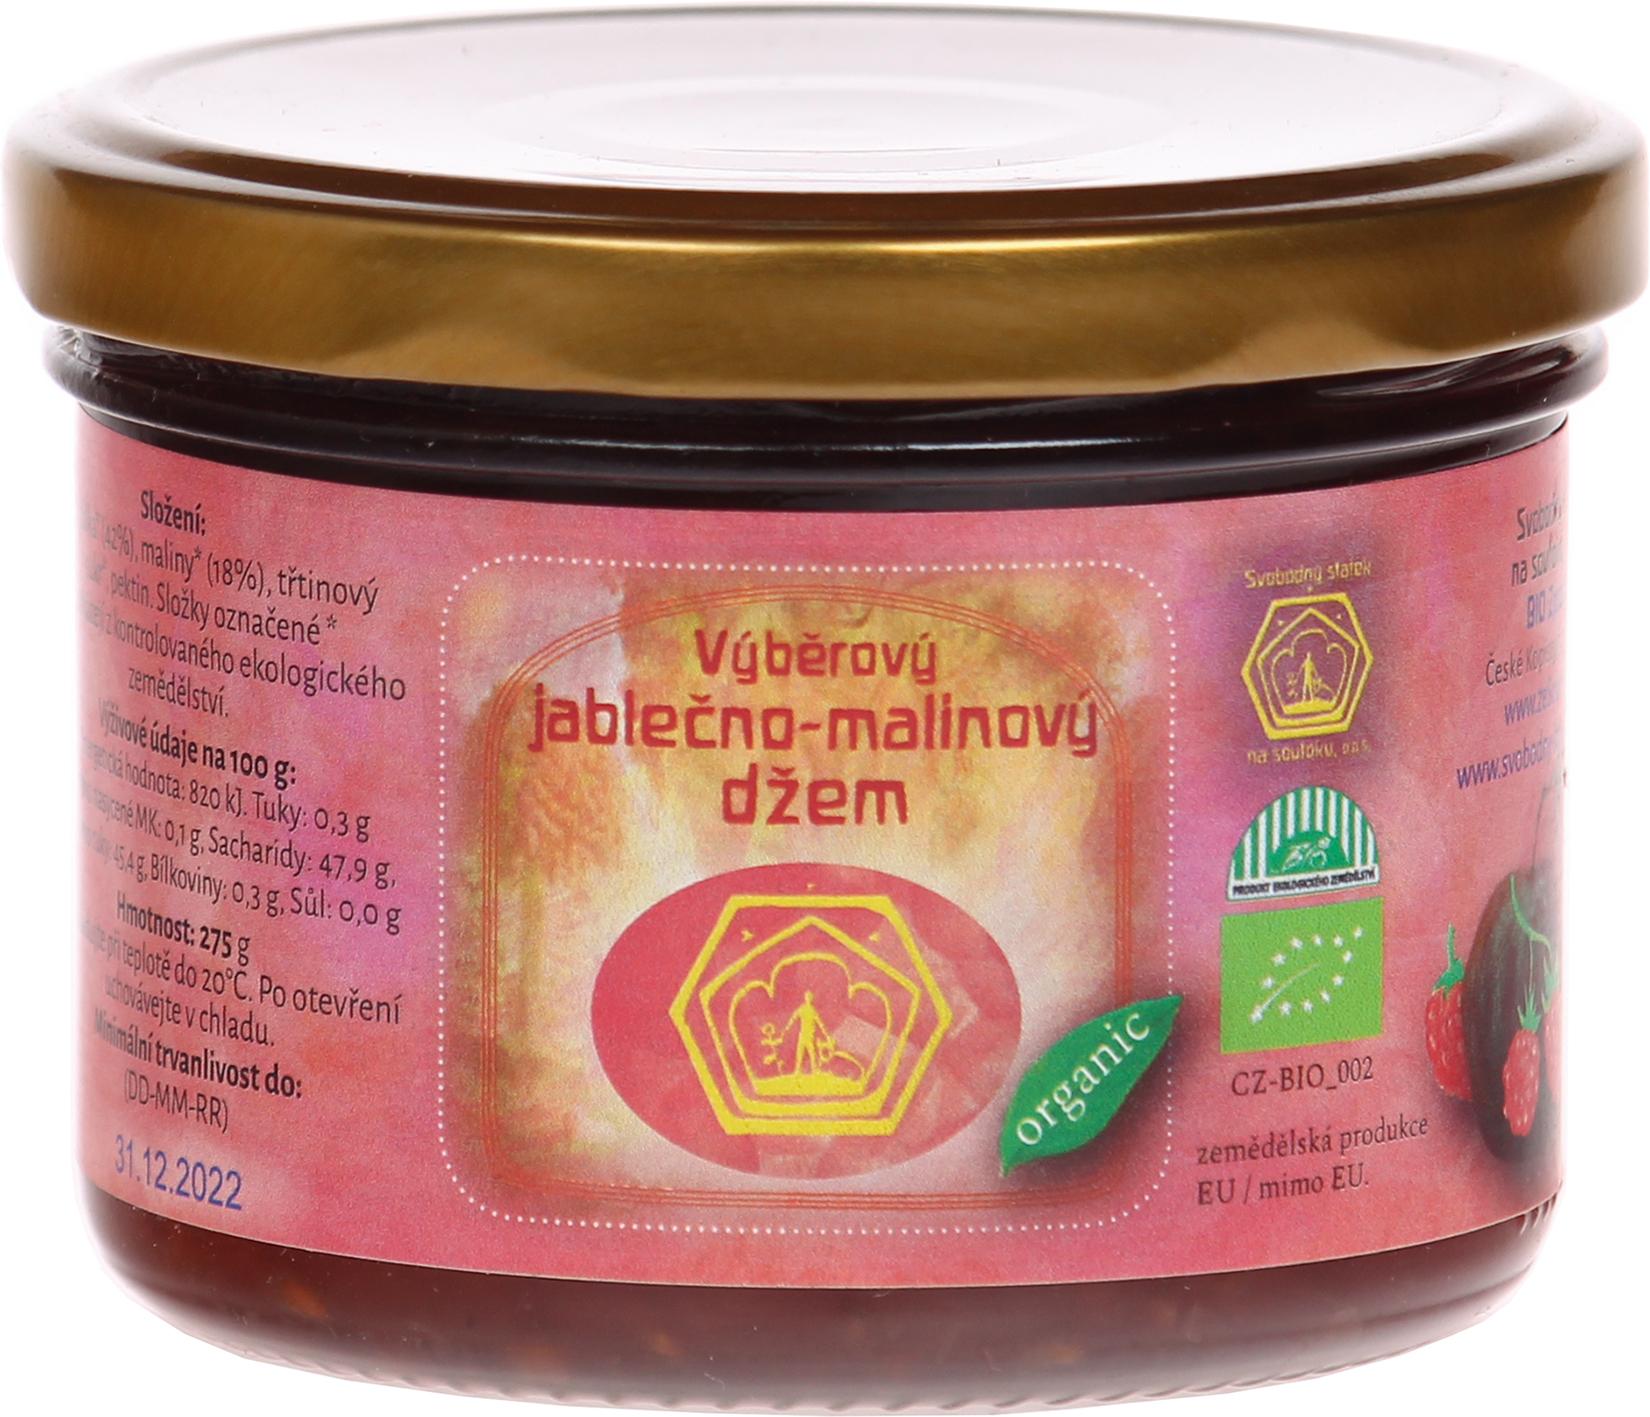 Bio jablečno-malinový džem Svobodný statek na soutoku 275 g